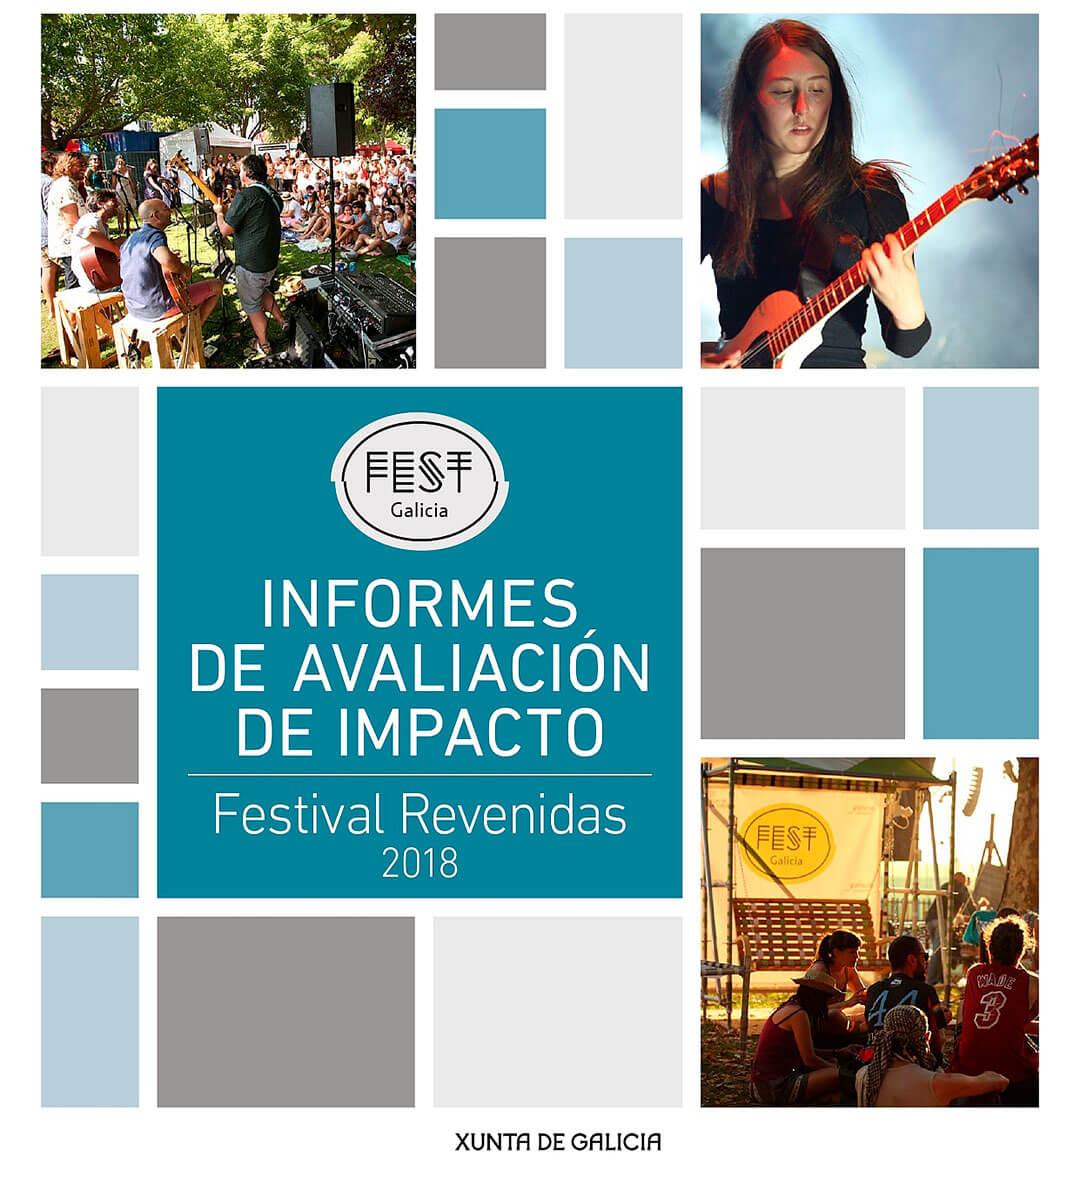 Fest-Galicia-informe-avaliacion-impacto-festival-Revenidas-2018